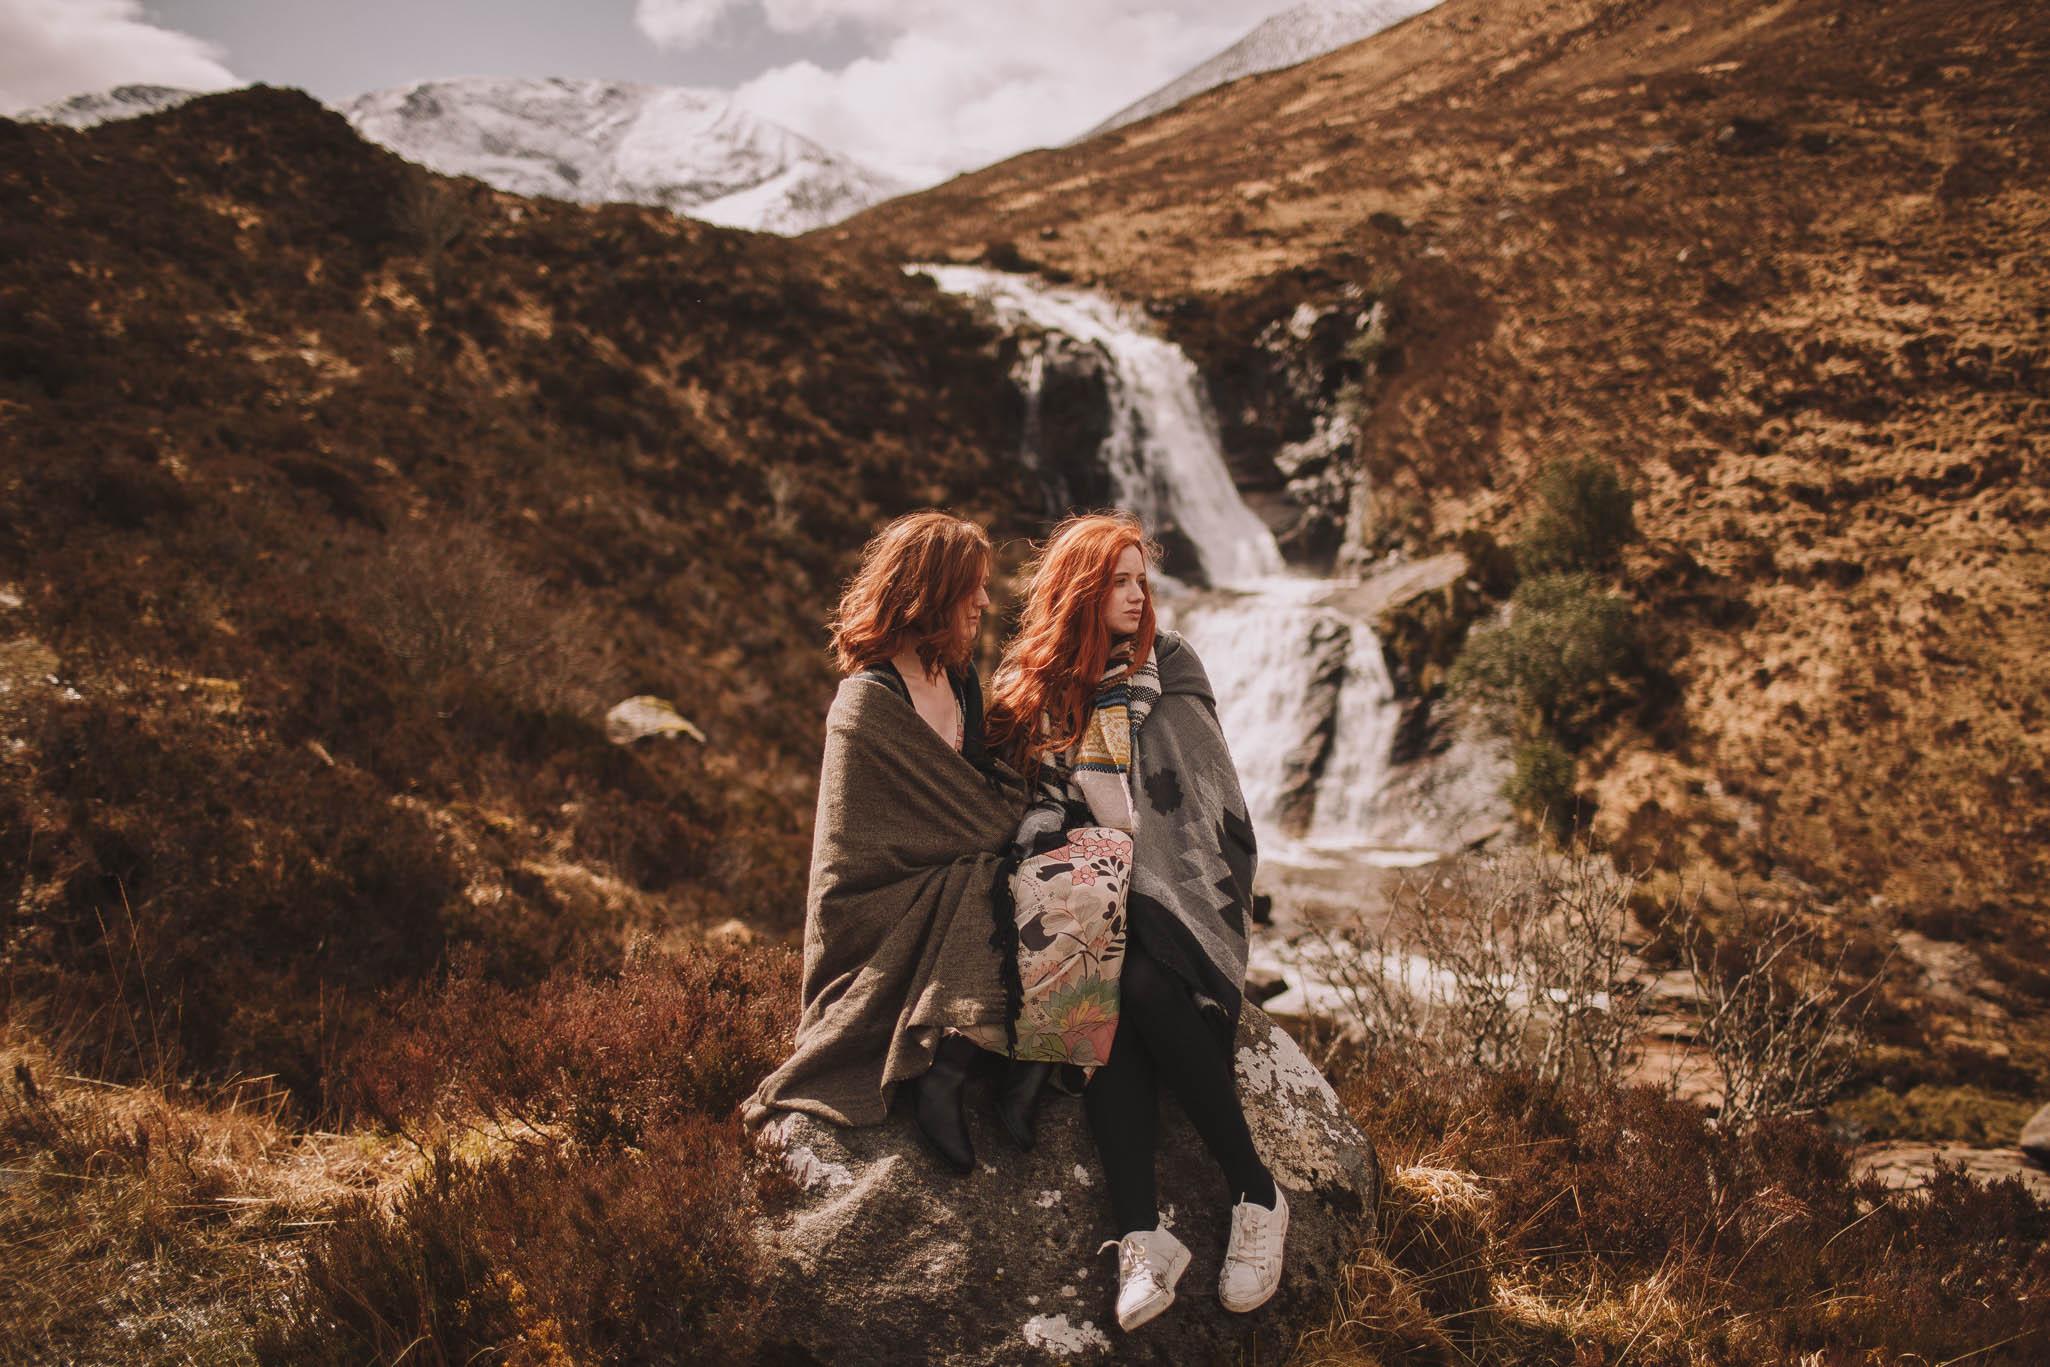 Scotland-wedding-photographer-jeremy-boyer-photographe-mariage-ecosse-voyage-road-trip-travel-48.jpg